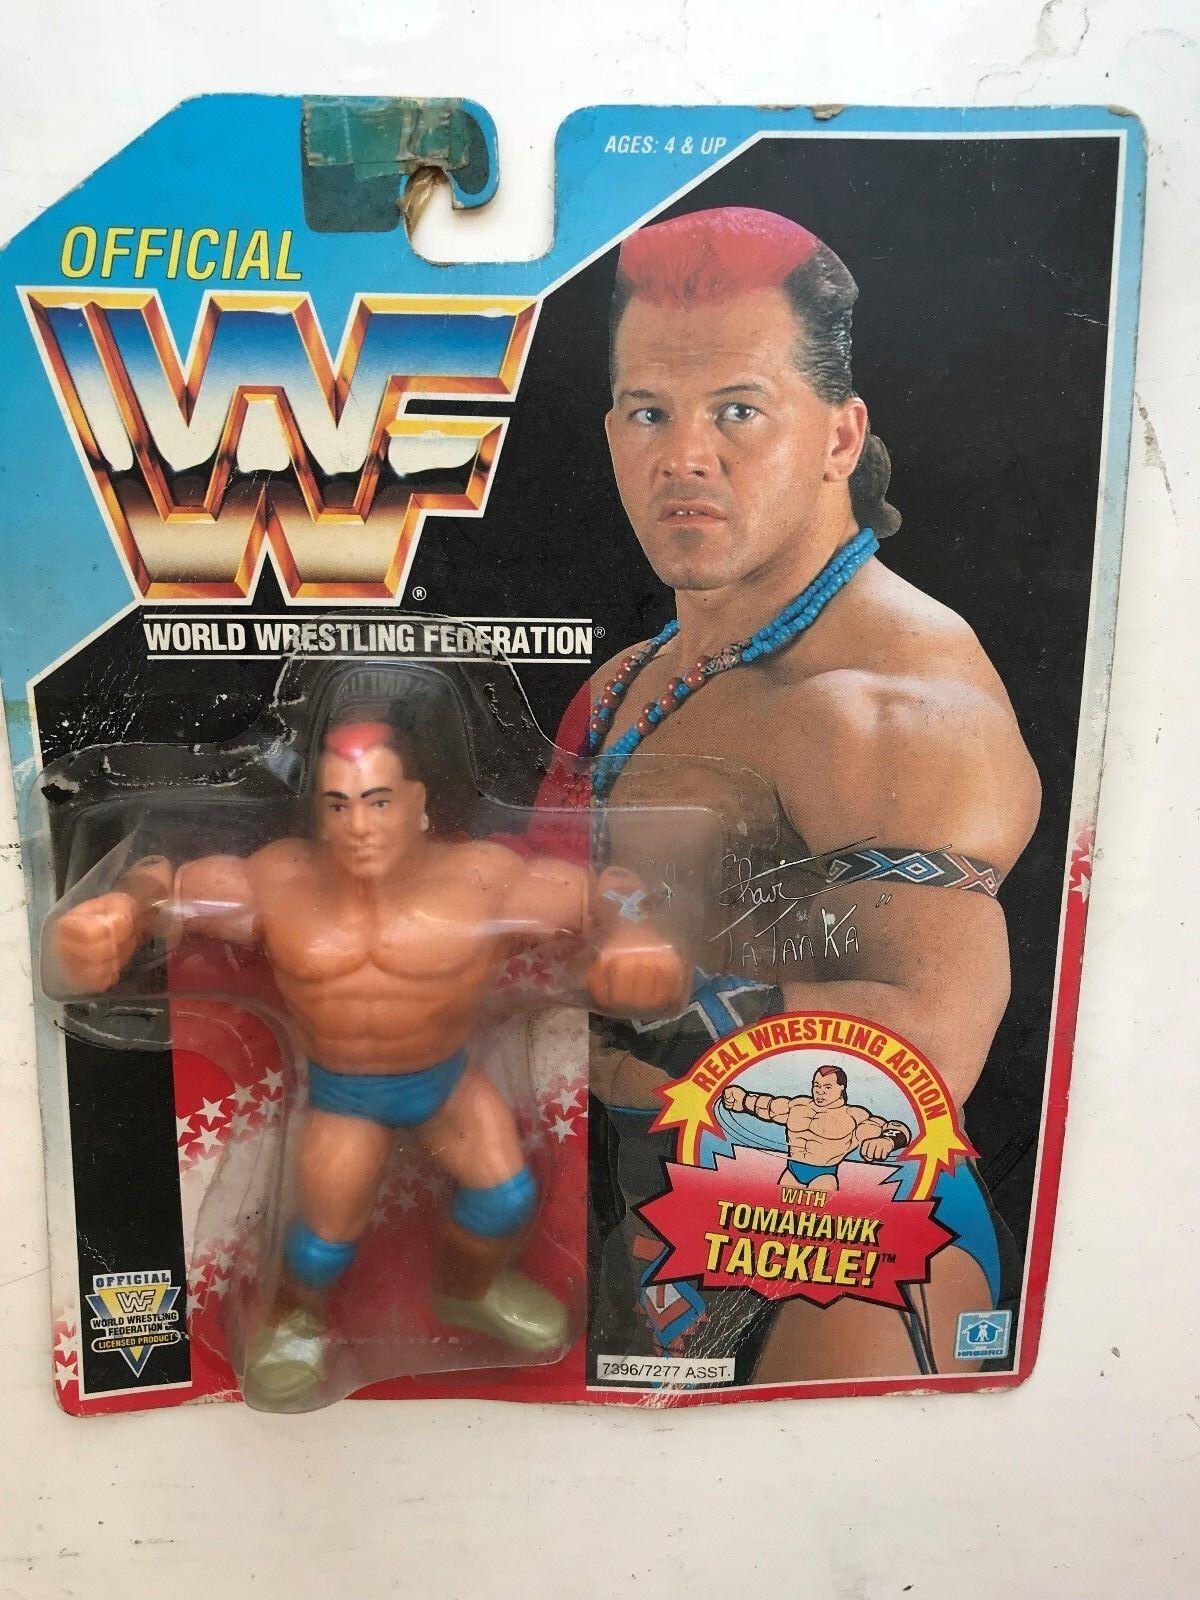 Raro en Caja WWE Tatanka HASBRO lucha libre figura WWF serie 6 1991